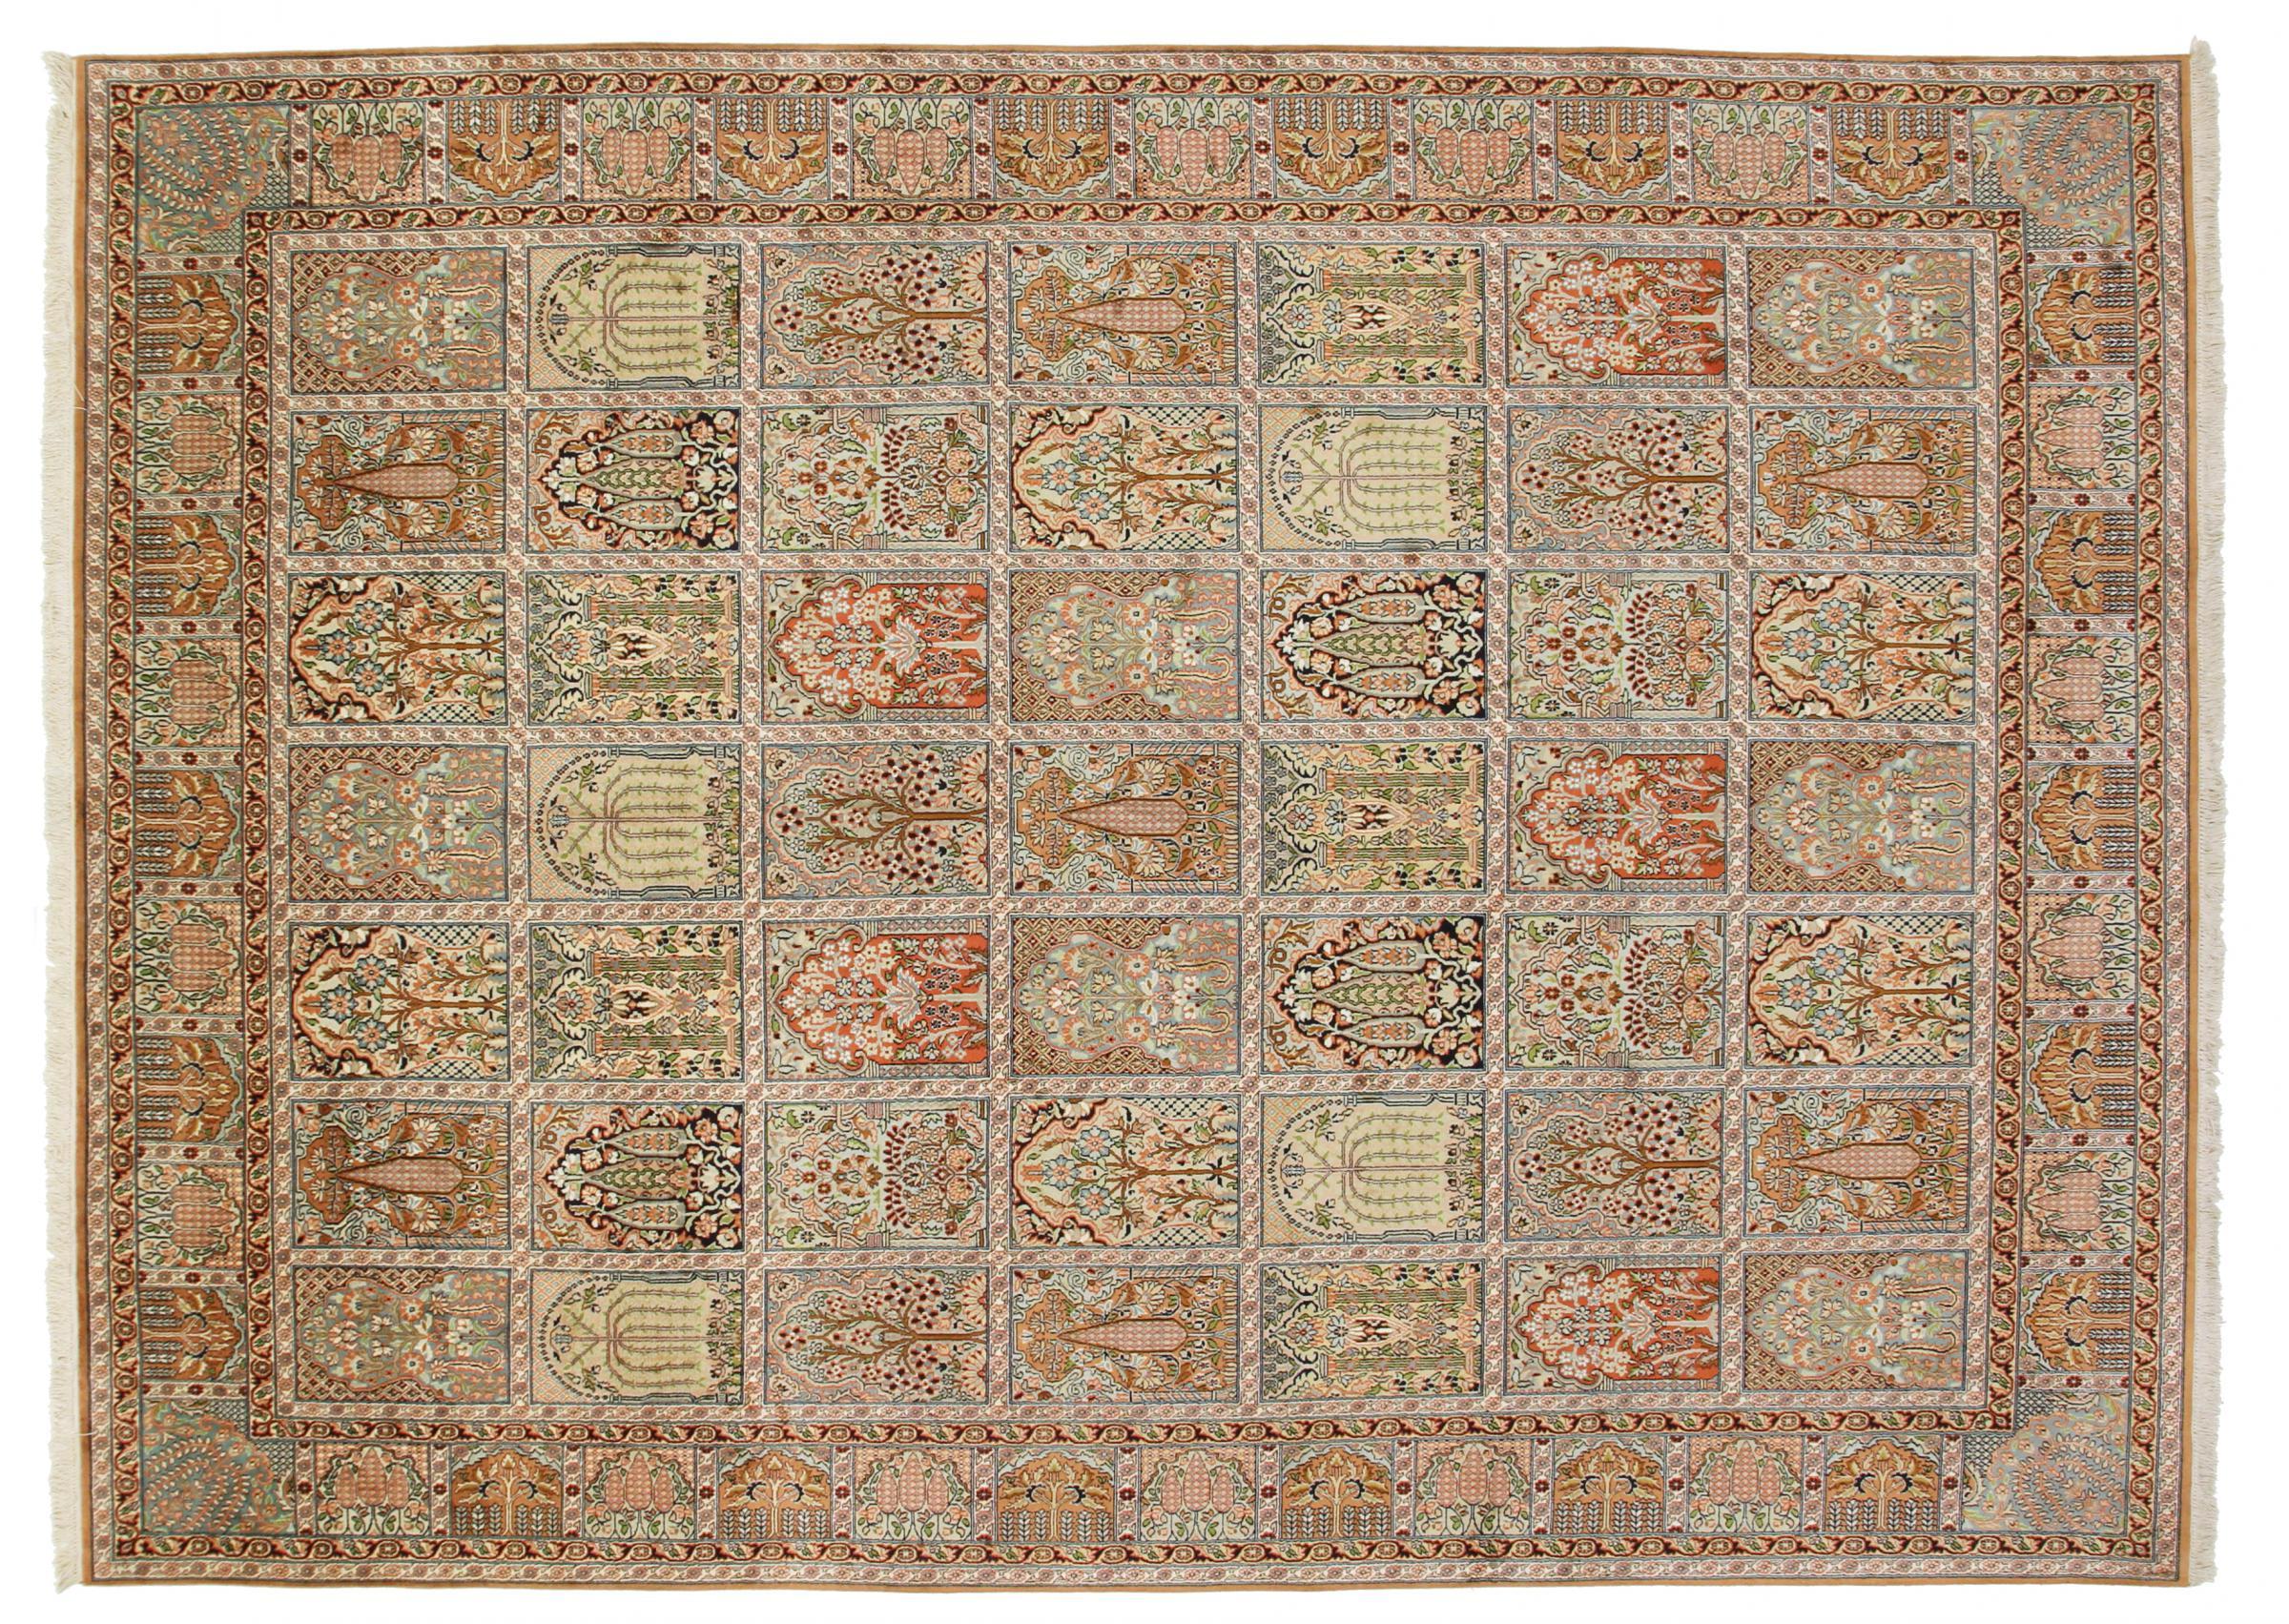 kaschmir reine seide indischer teppich 341x249 id35202. Black Bedroom Furniture Sets. Home Design Ideas